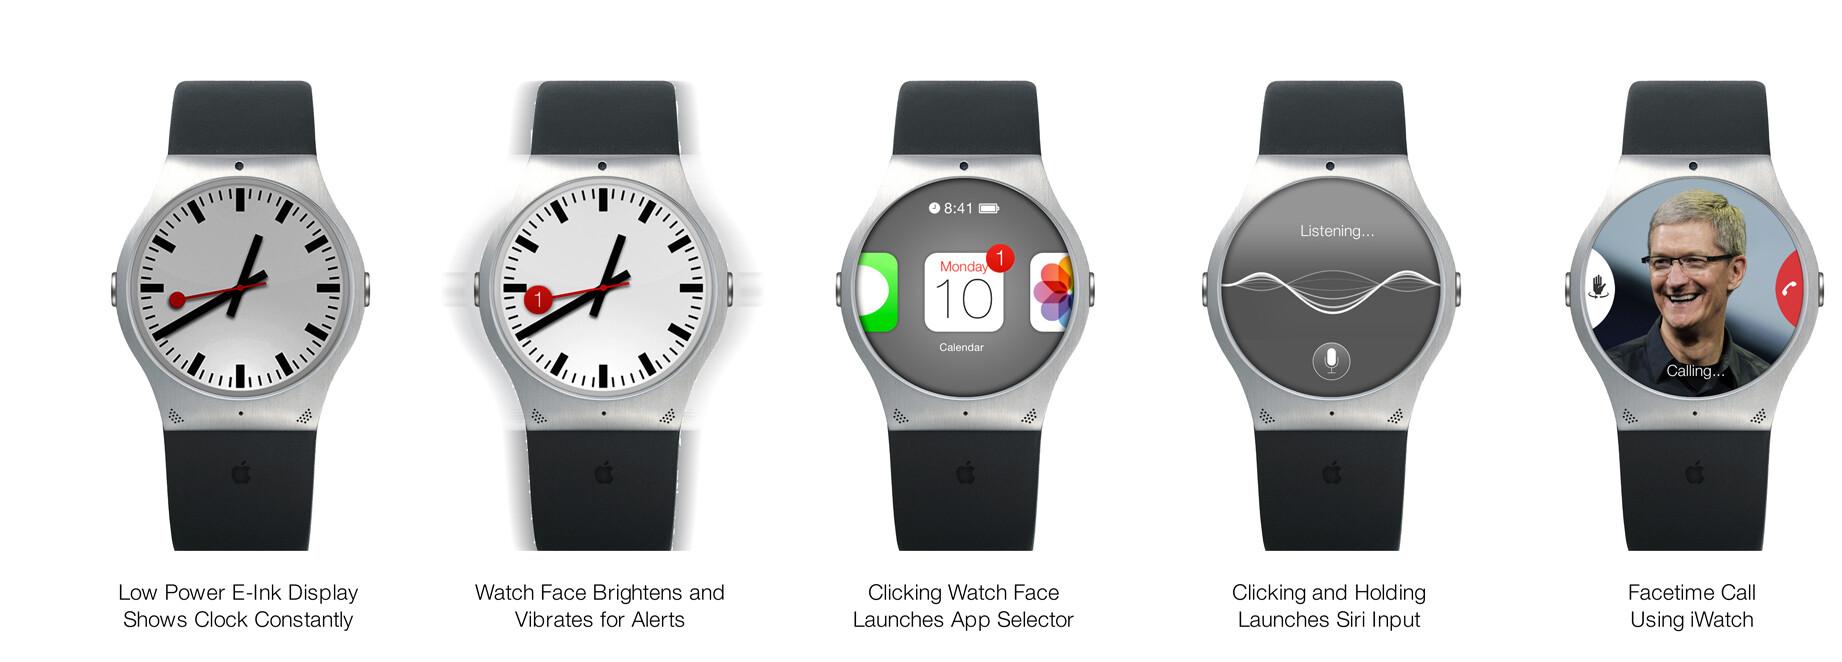 Apple iwatch 2 release date in Sydney